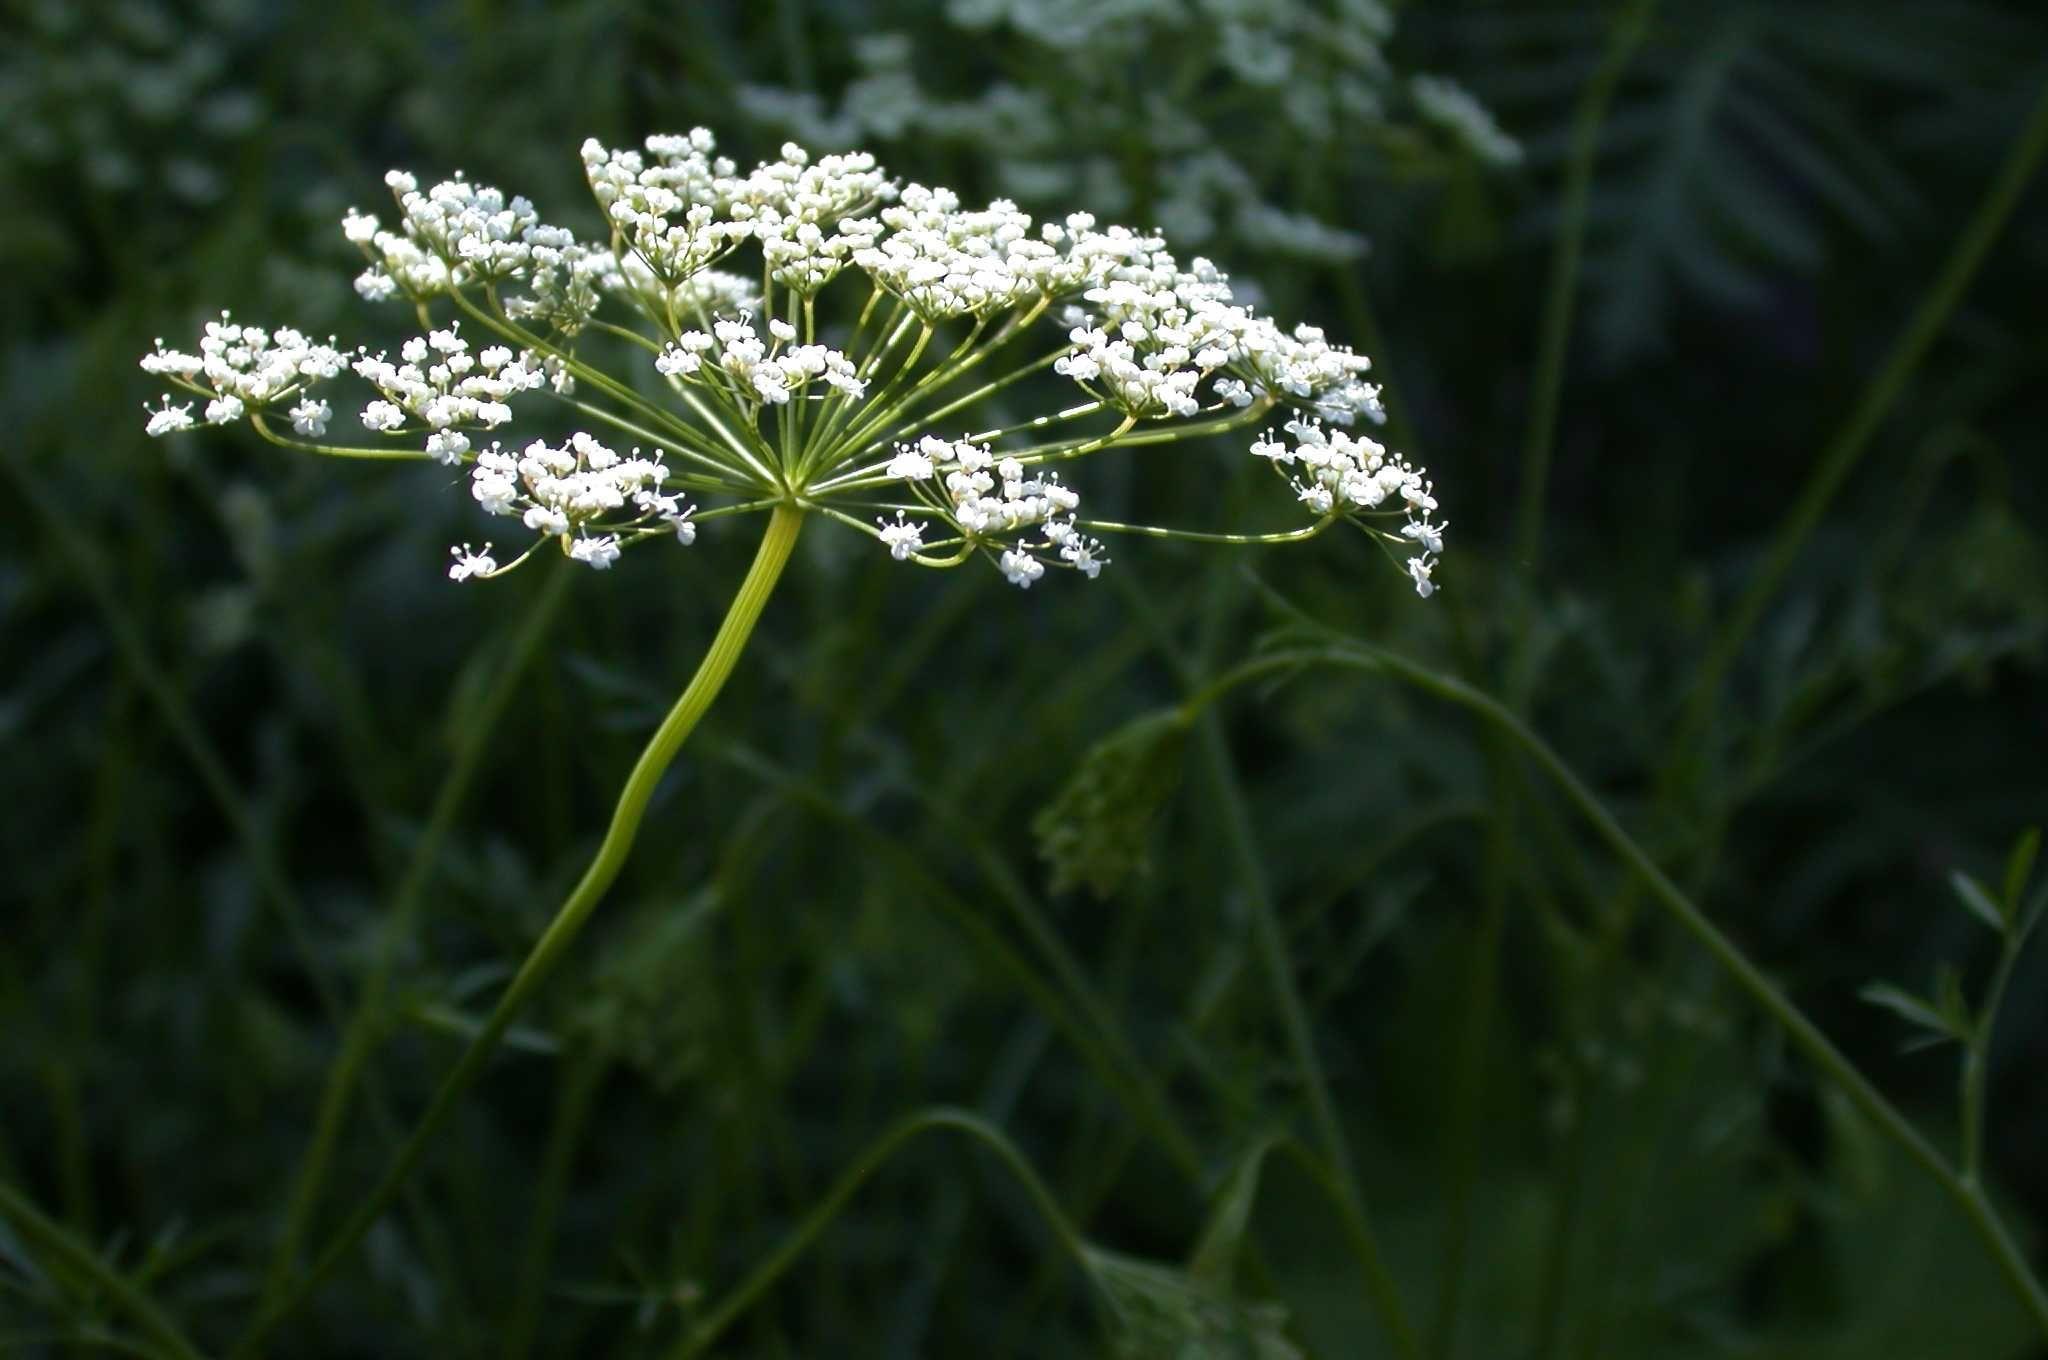 Лекарственные и эфиромасличные культуры стали сельхозпродукцией в России